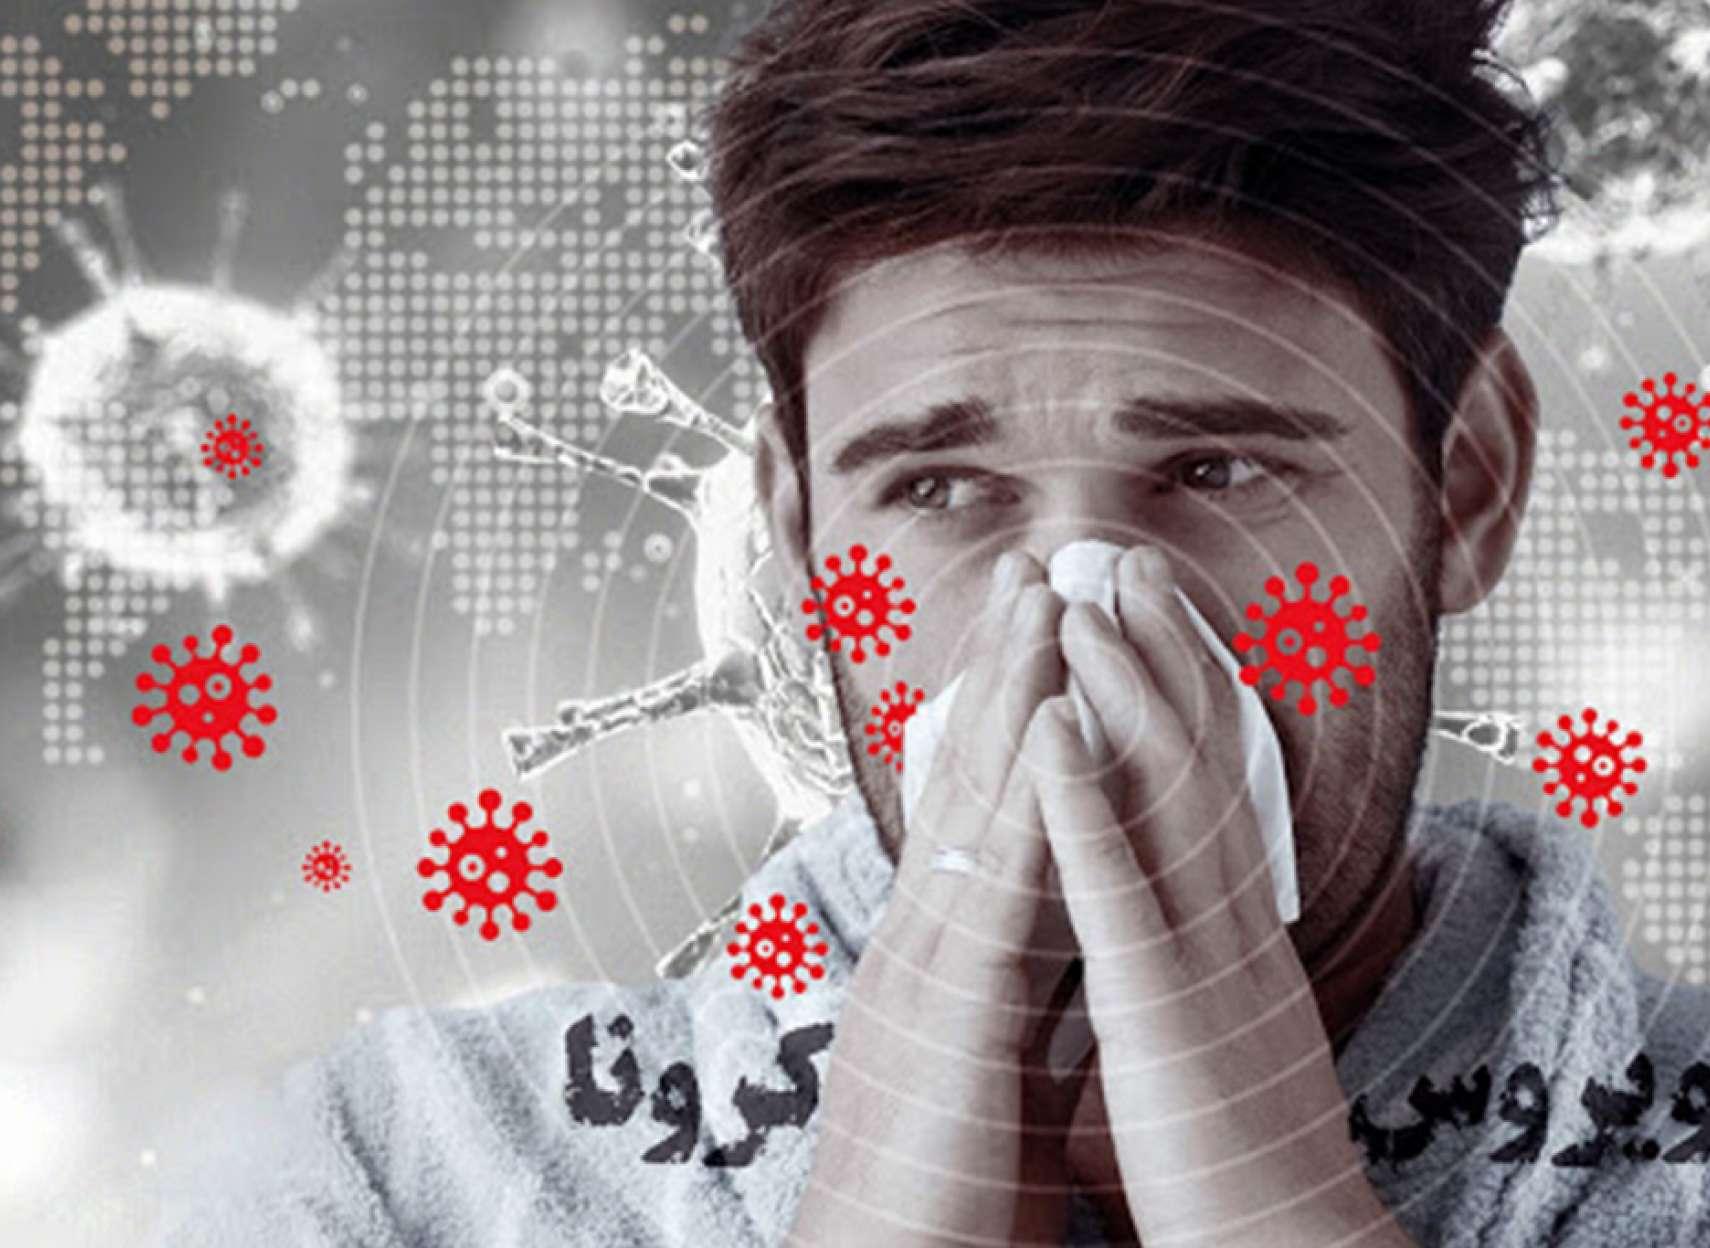 بیمه-رحیمیان-کرونای-جدید-آنفولانزا-یا-سرماخوردگی